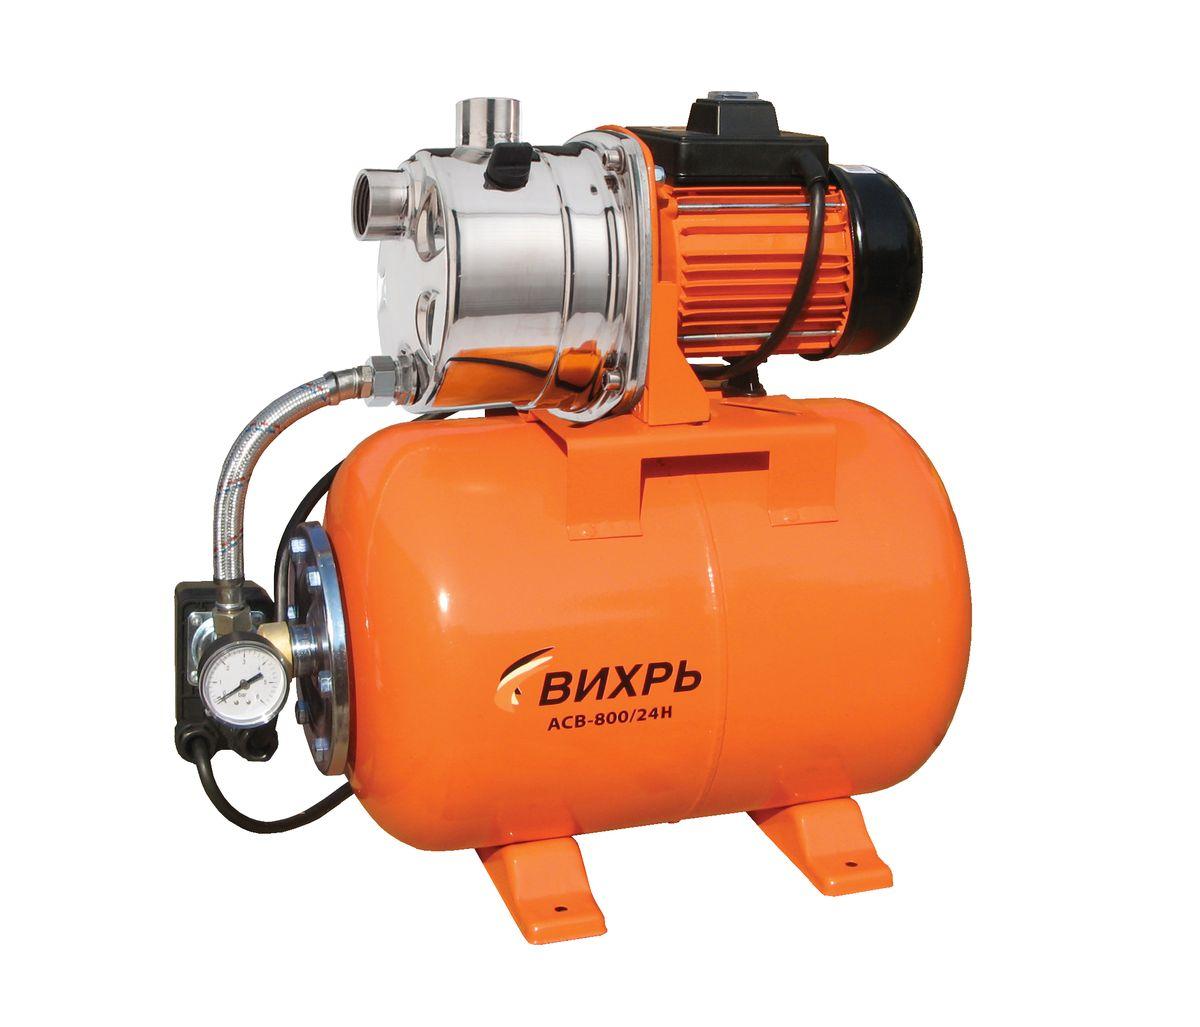 Насосная станция Вихрь АСВ-800/24Н68/1/7Насосная станция Вихрь АСВ-800/24Н предназначена для бесперебойного водоснабжения в автоматическом режиме, коттеджей, дач, ферм и других потребителей. При этом она автоматически поддерживает необходимое давление в системе водоснабжения, самостоятельно включаясь и отключаясь по мере расходования воды потребителями. Встроенный датчик давления обеспечивает автоматическое включение насоса в случае необходимости. Гидроаккумулятор служит для аккумулирования воды под давлением и сглаживания гидроударов. Он состоит из стального резервуара со сменной мембраной из пищевой резины и имеет пневмоклапан для закачивания сжатого воздуха. Насос со встроенным эжектором, сочетает преимущества центробежных с практичностью самовсасывающих насосов. Встроенный внутренний эжектор с системой труб Вентури обеспечивает хорошие условия всасывания на входе в насос и позволяет создать высокое давление на выходе. Они позволяют перекачивать воду с меньшими, по сравнению с обычными центробежными...